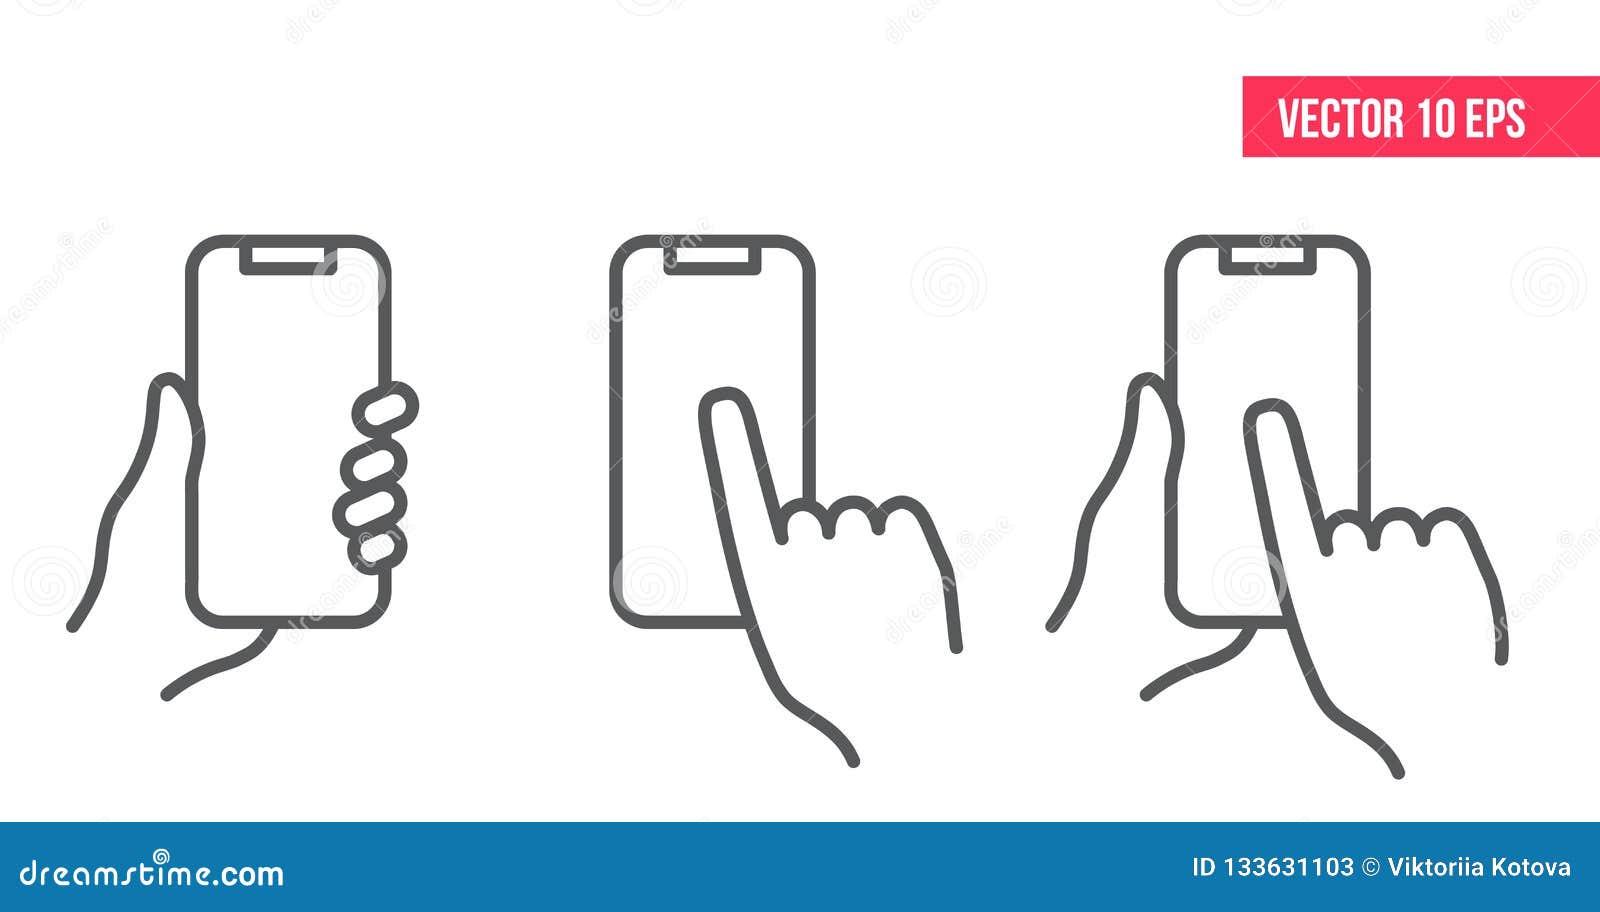 Κινητό εικονίδιο τηλεφωνικών γραμμών nHand smartphone εκμετάλλευσης